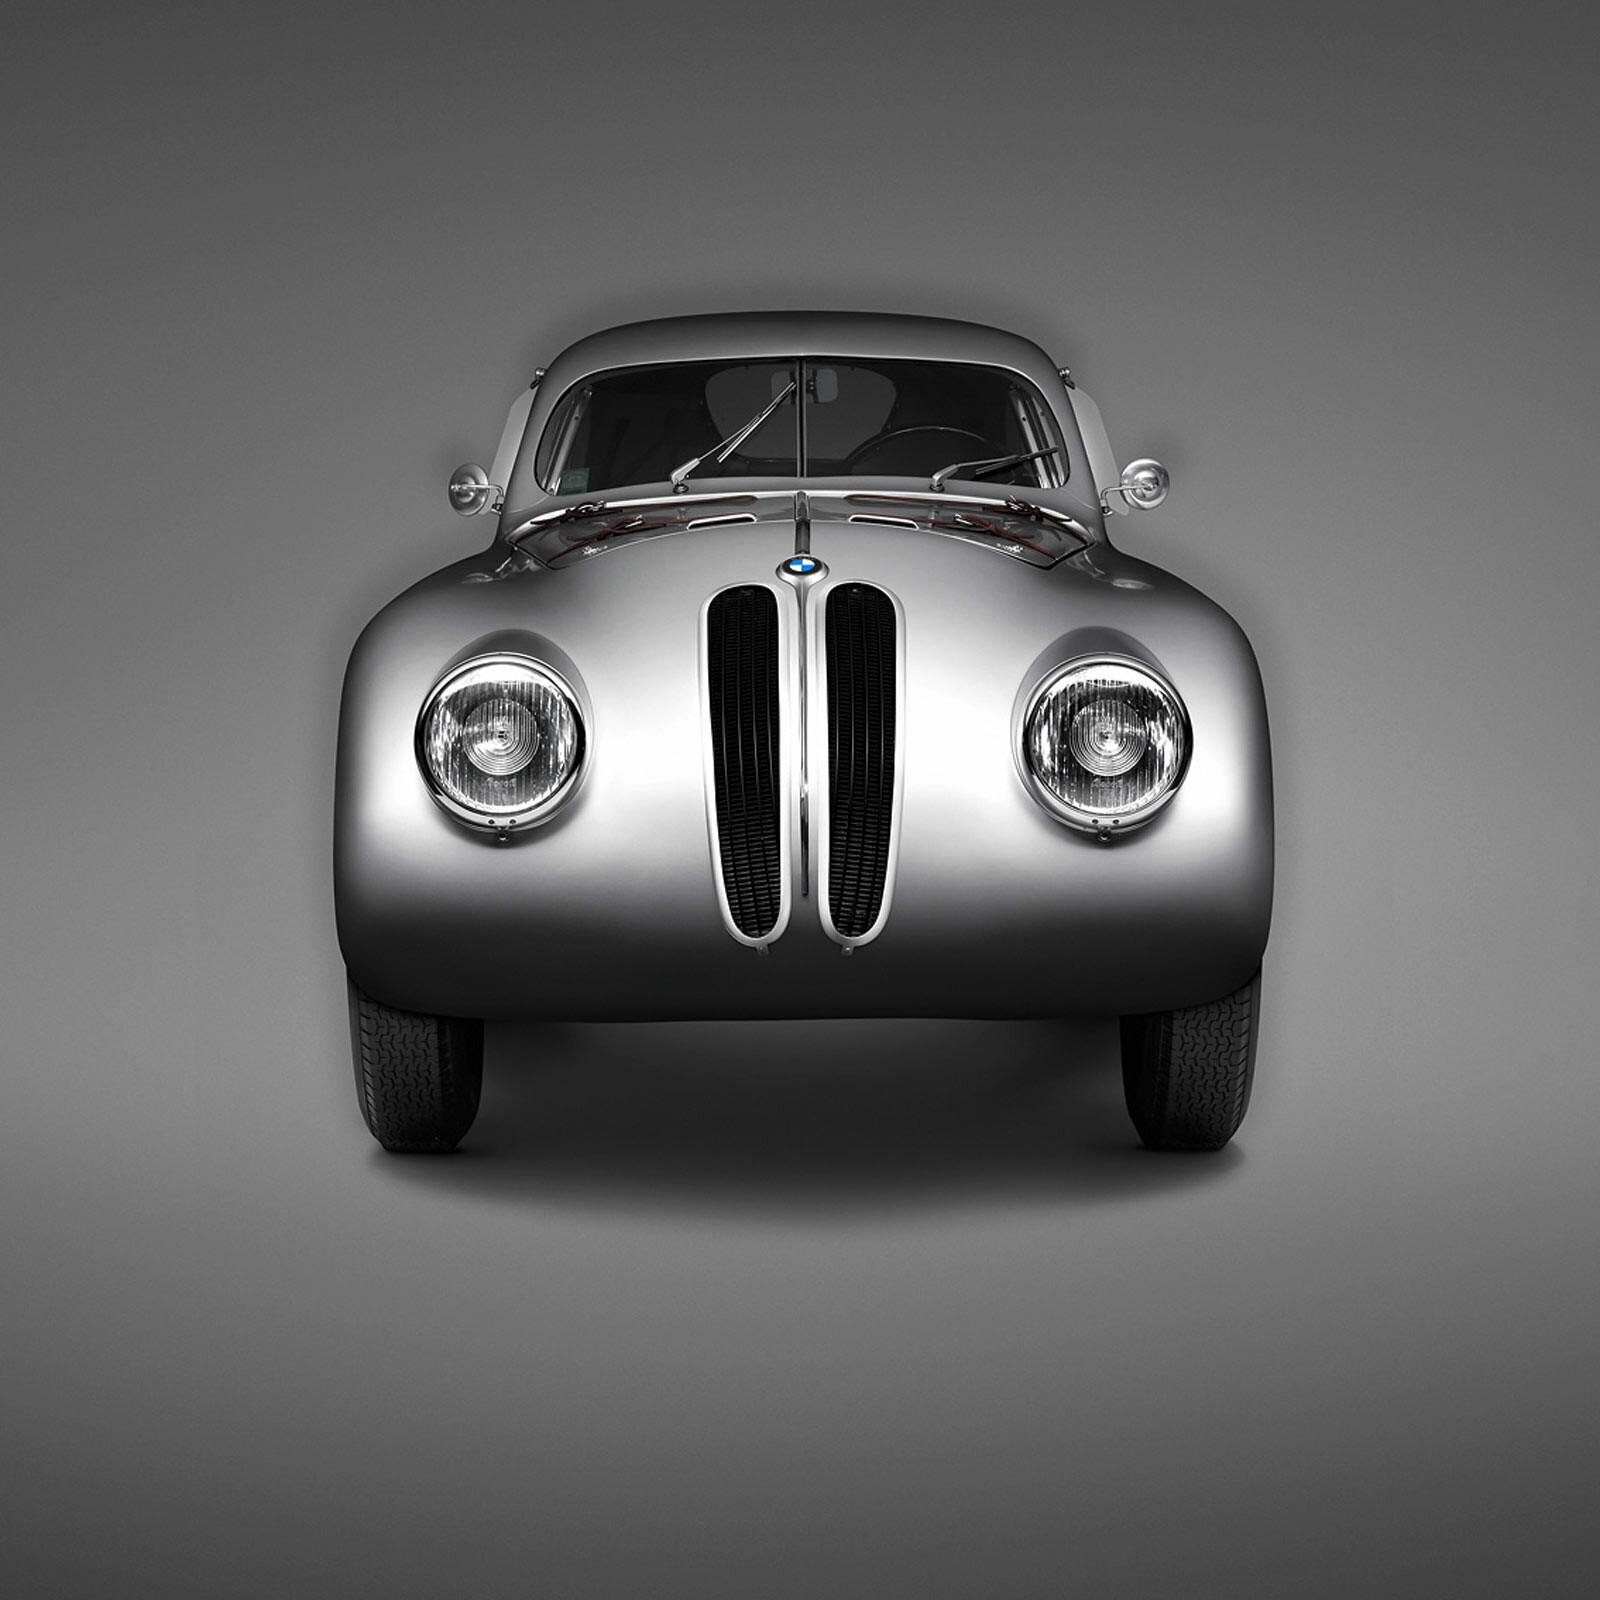 BMW 328 Mille Miglia Coupé Front - Bmw Edition | Erik Chmil